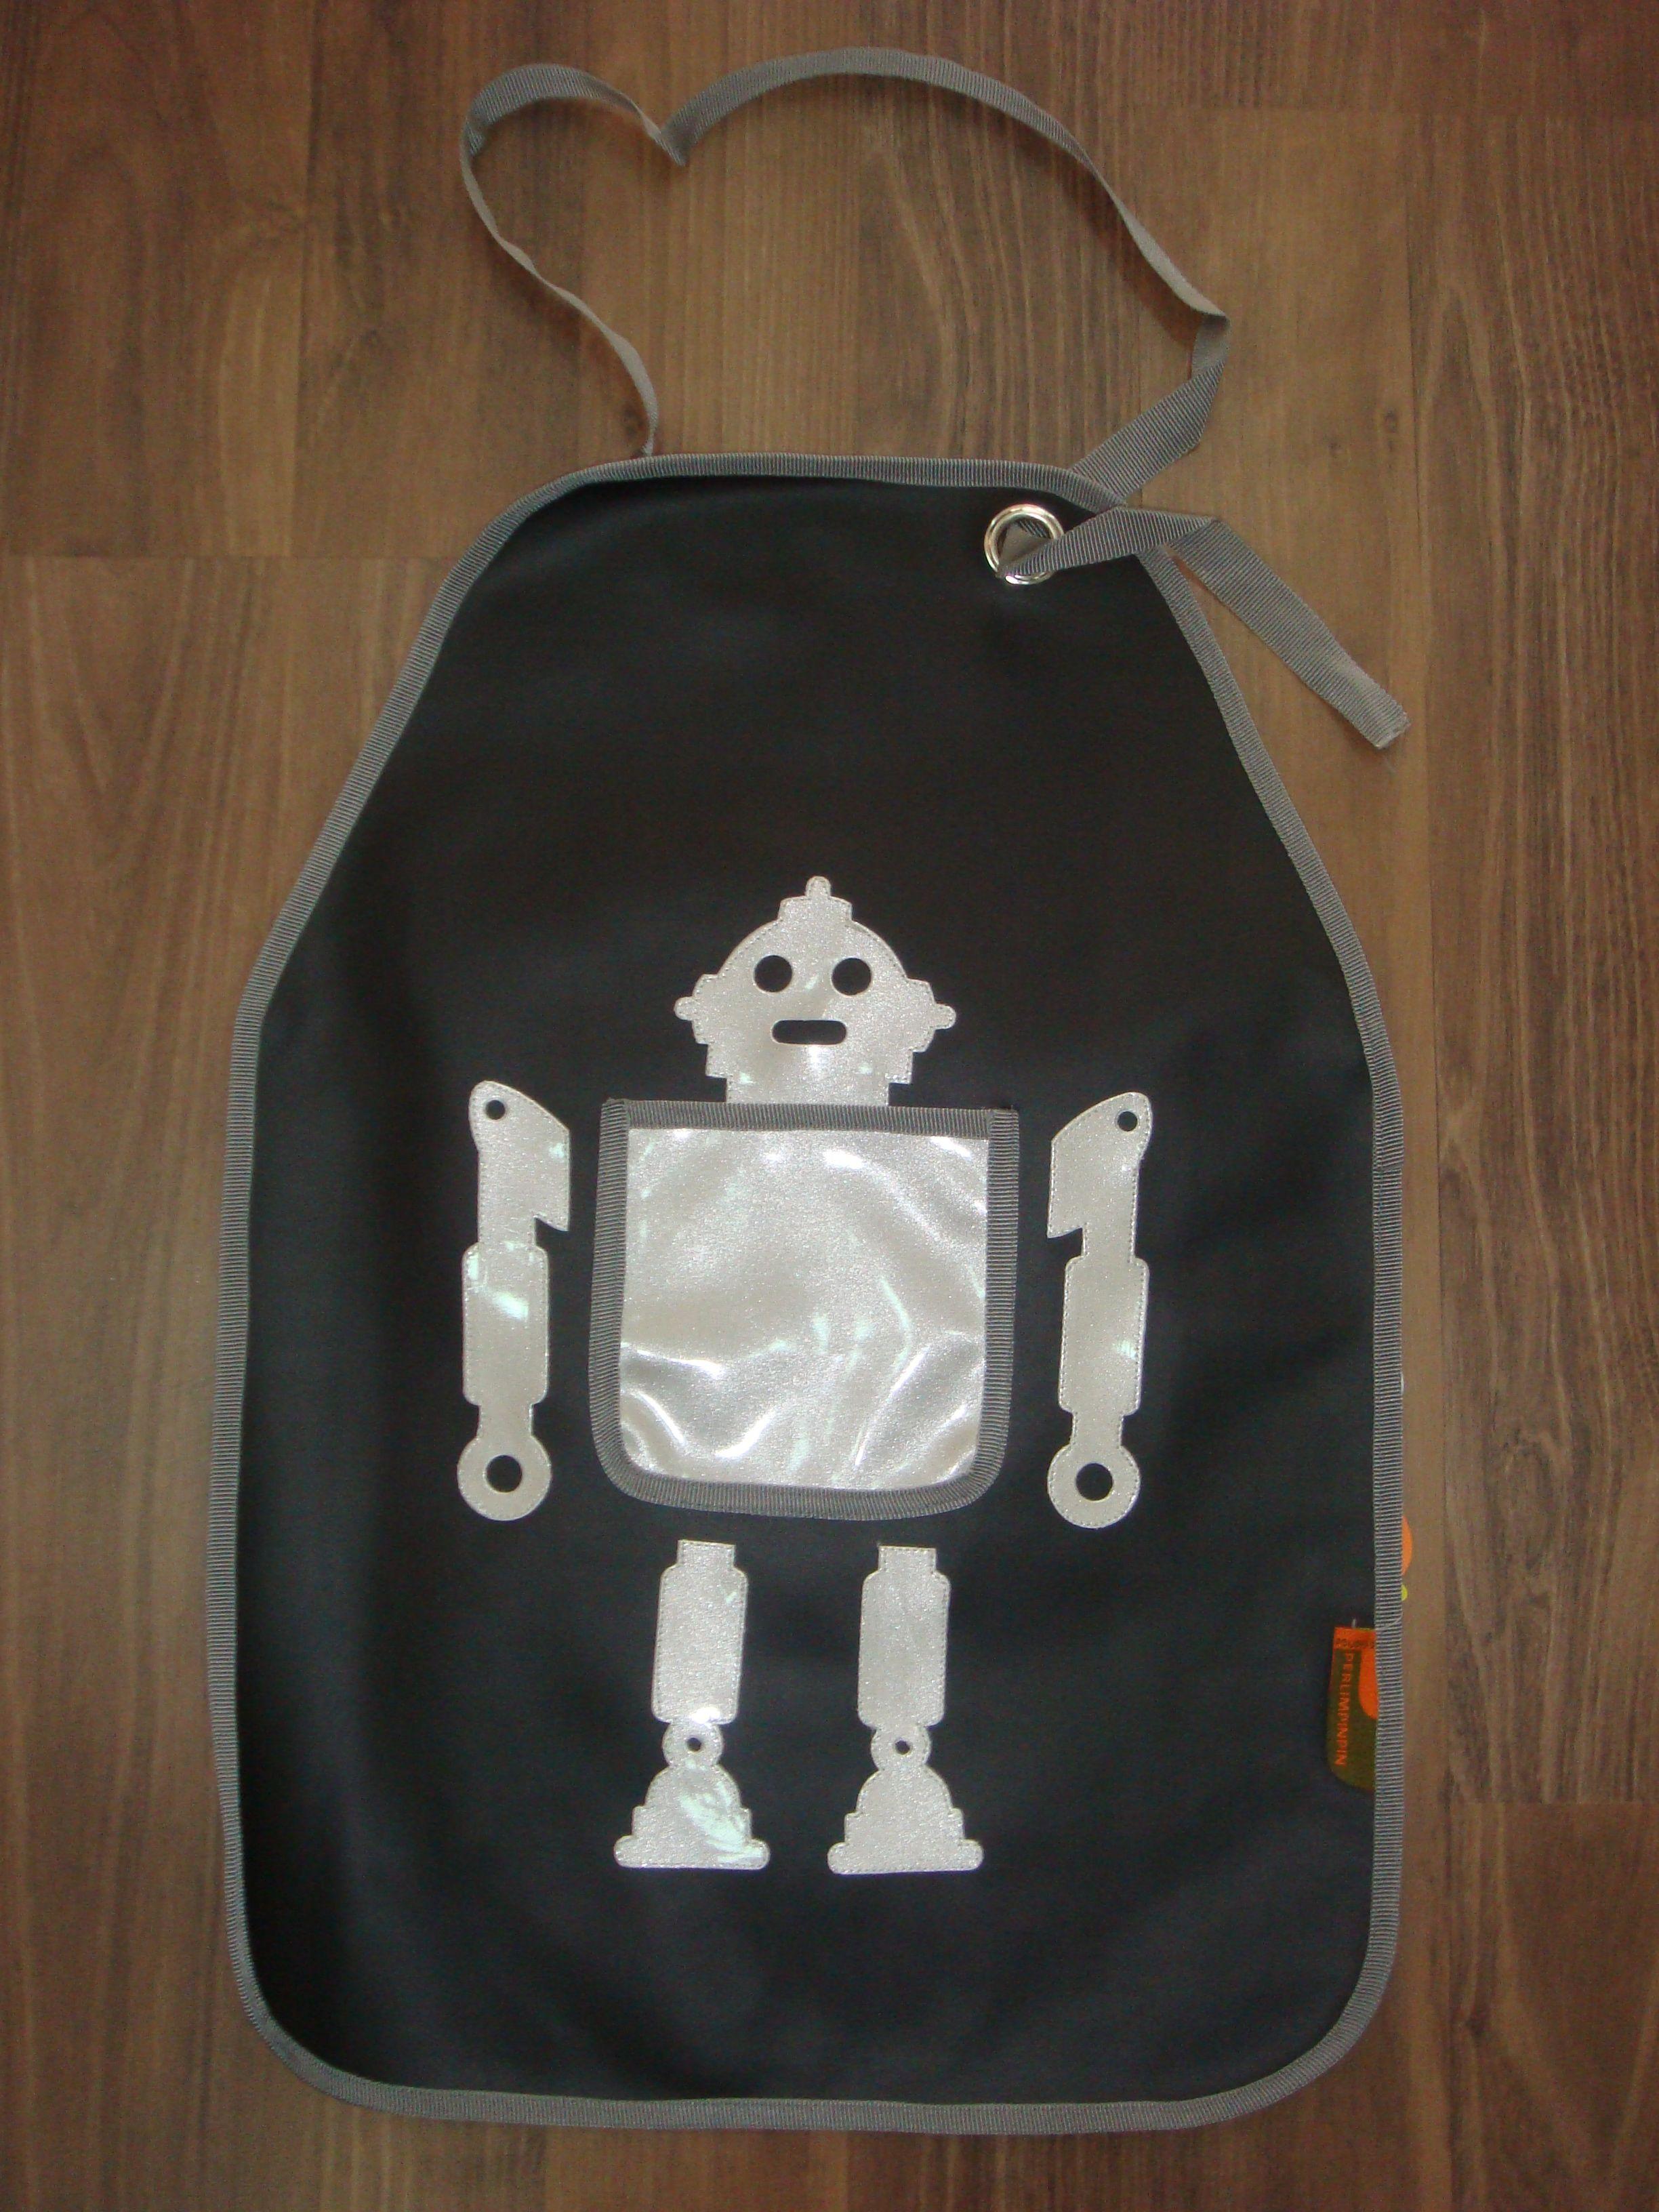 Apron Robot